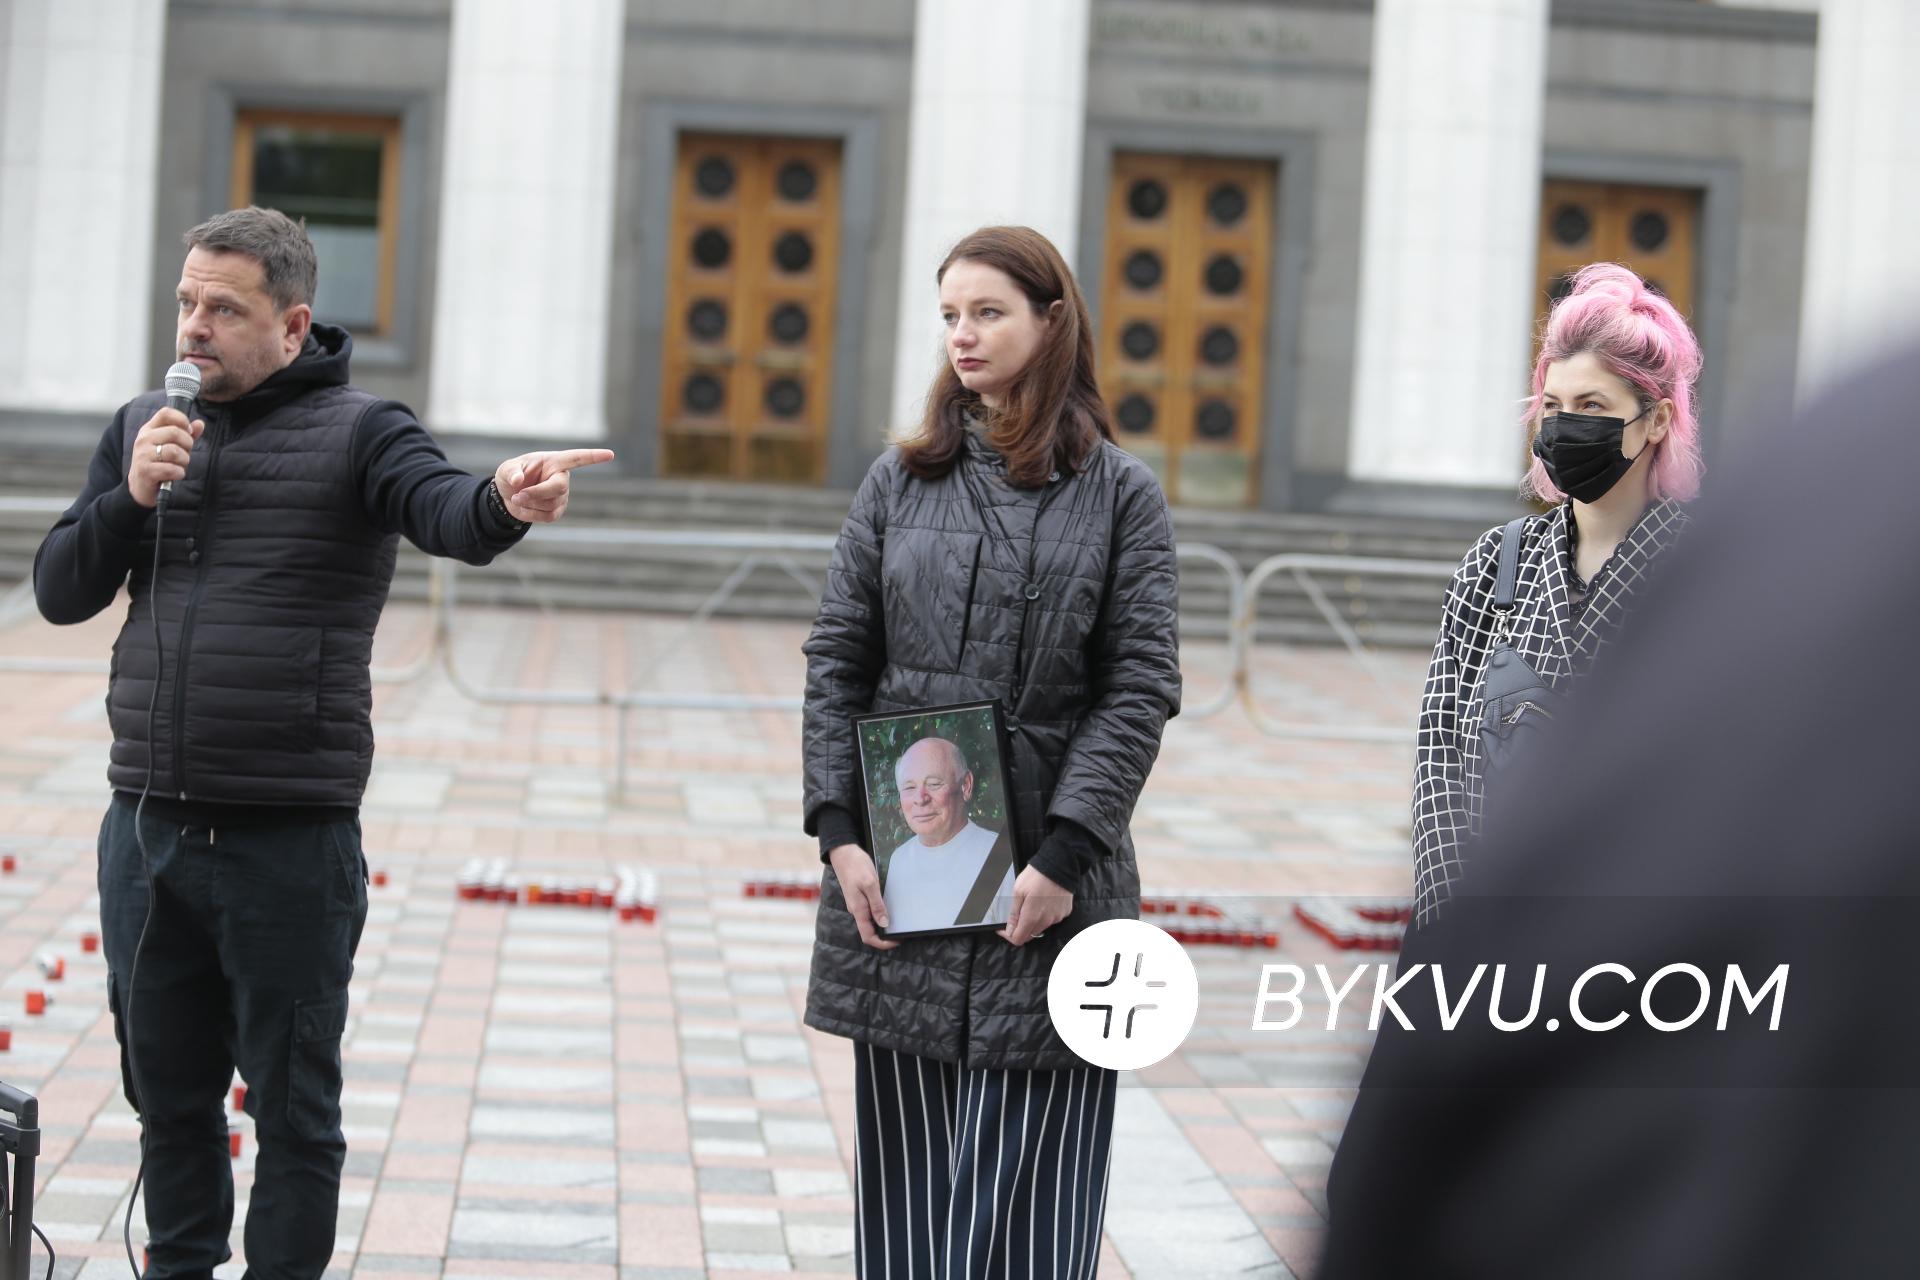 степанов_верховна рада_акція_відставка